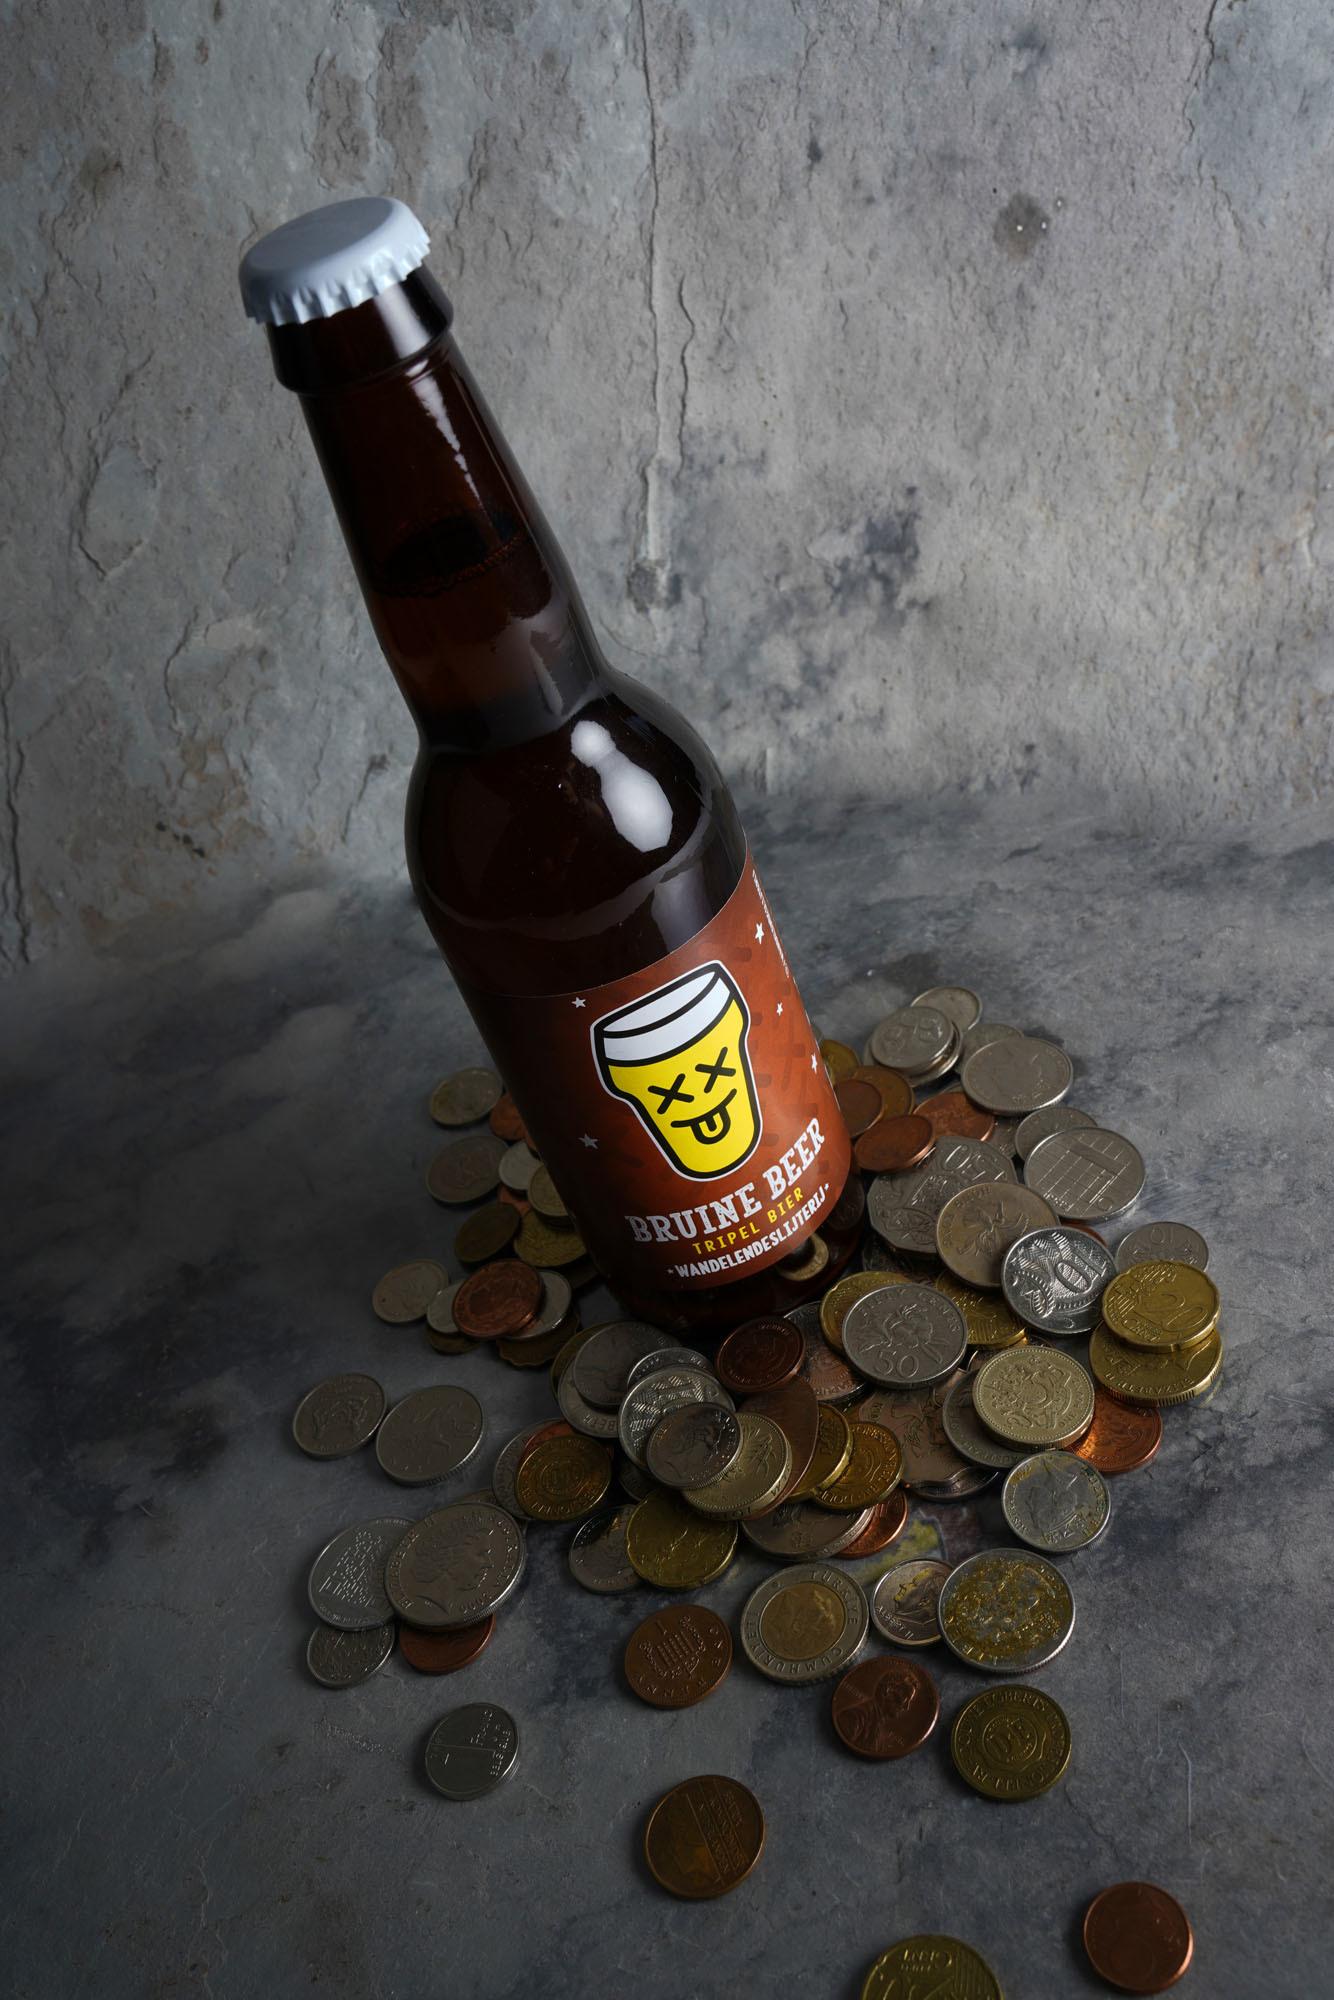 Bruine Beer